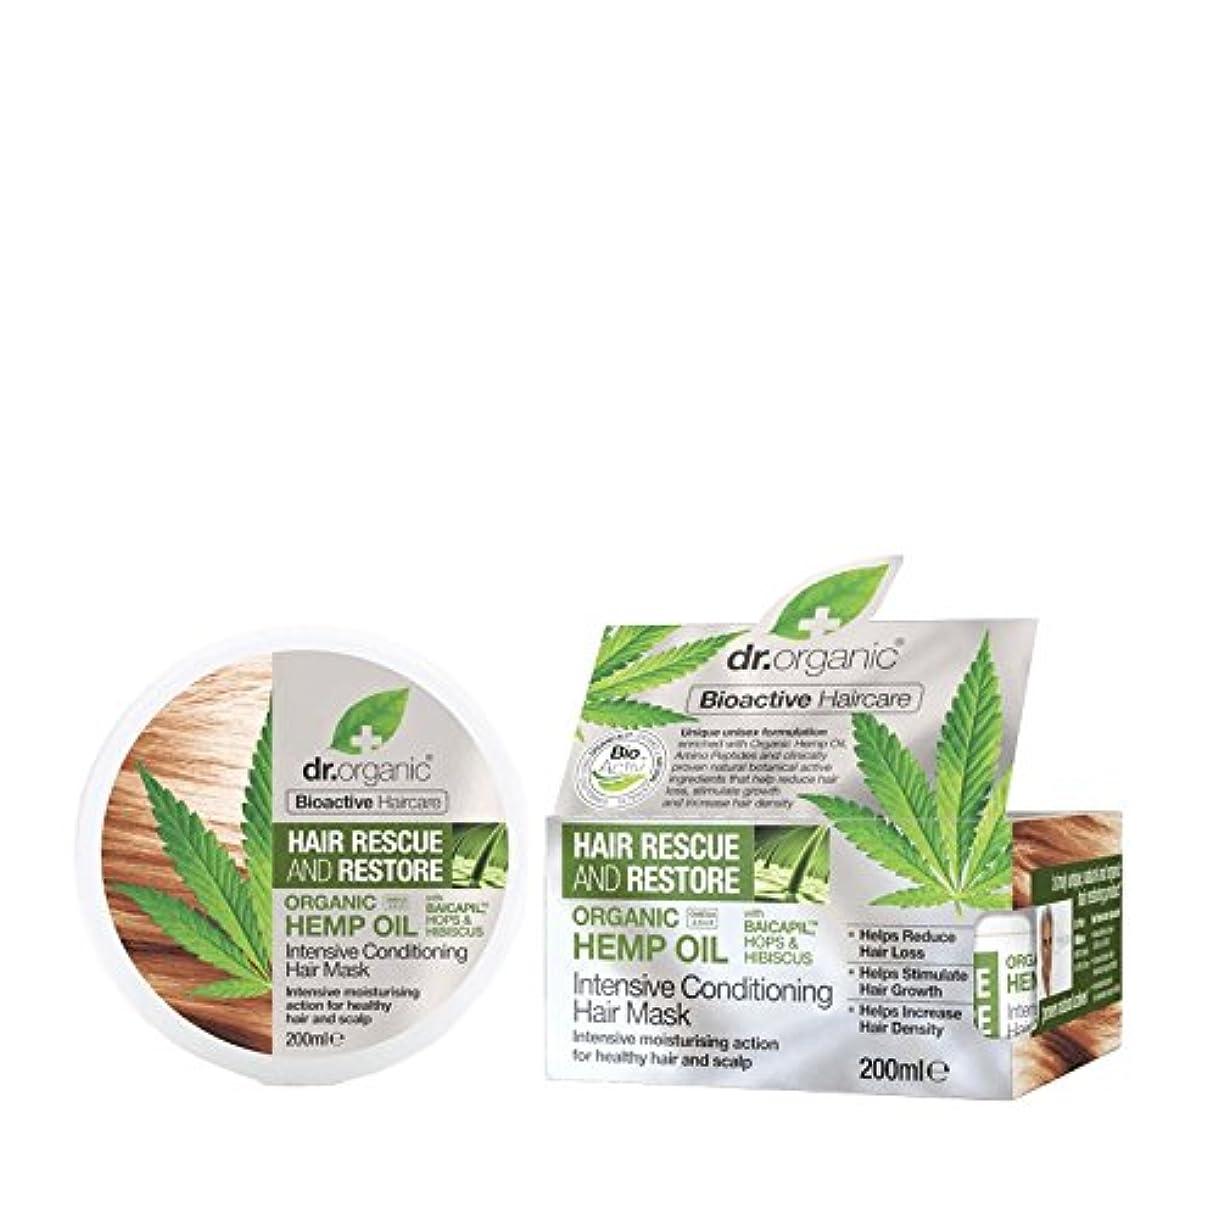 耕すスキップ距離Dr有機大麻油の集中コンディショナー200ミリリットル - Dr Organic Hemp Oil Intensive Conditioner 200ml (Dr Organic) [並行輸入品]